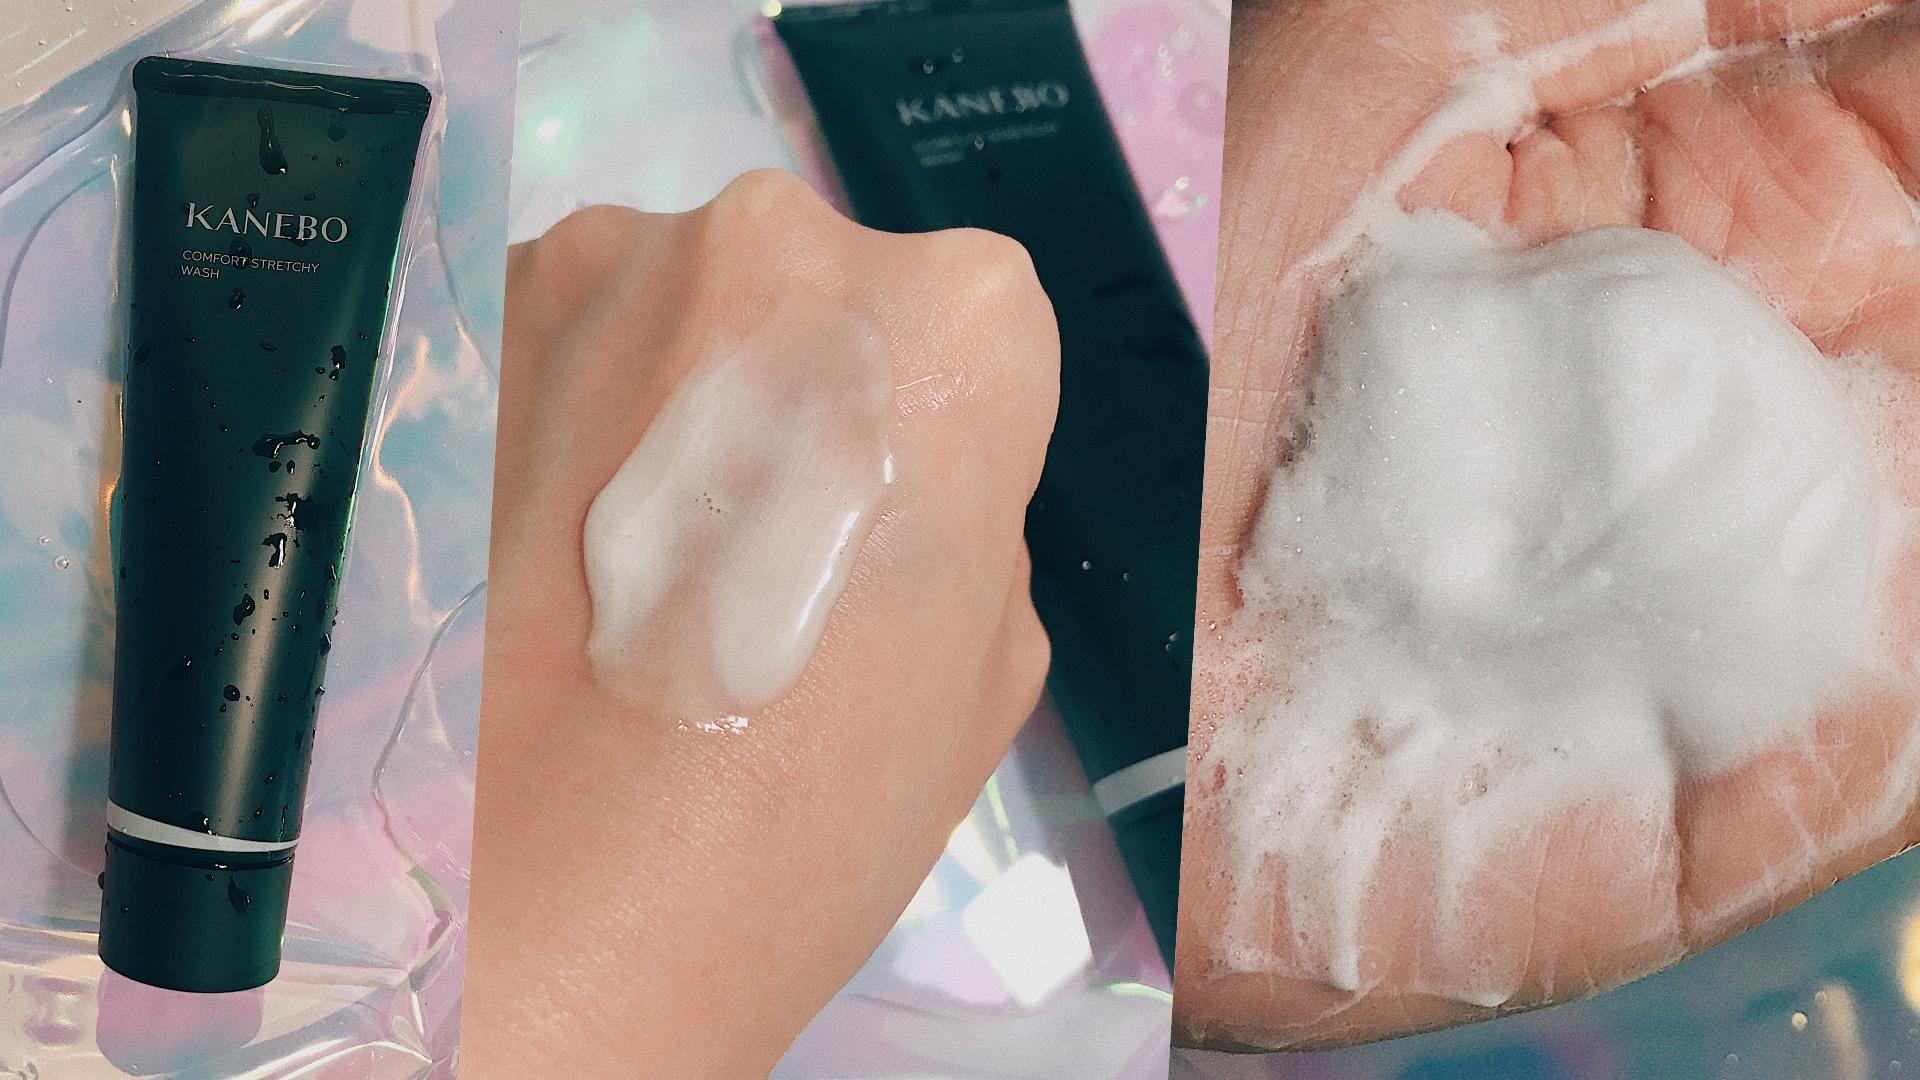 Kanebo 保濕緻潤洗顏皂霜有超綿密的起司質地,一點點就能搓出豐盈泡泡。